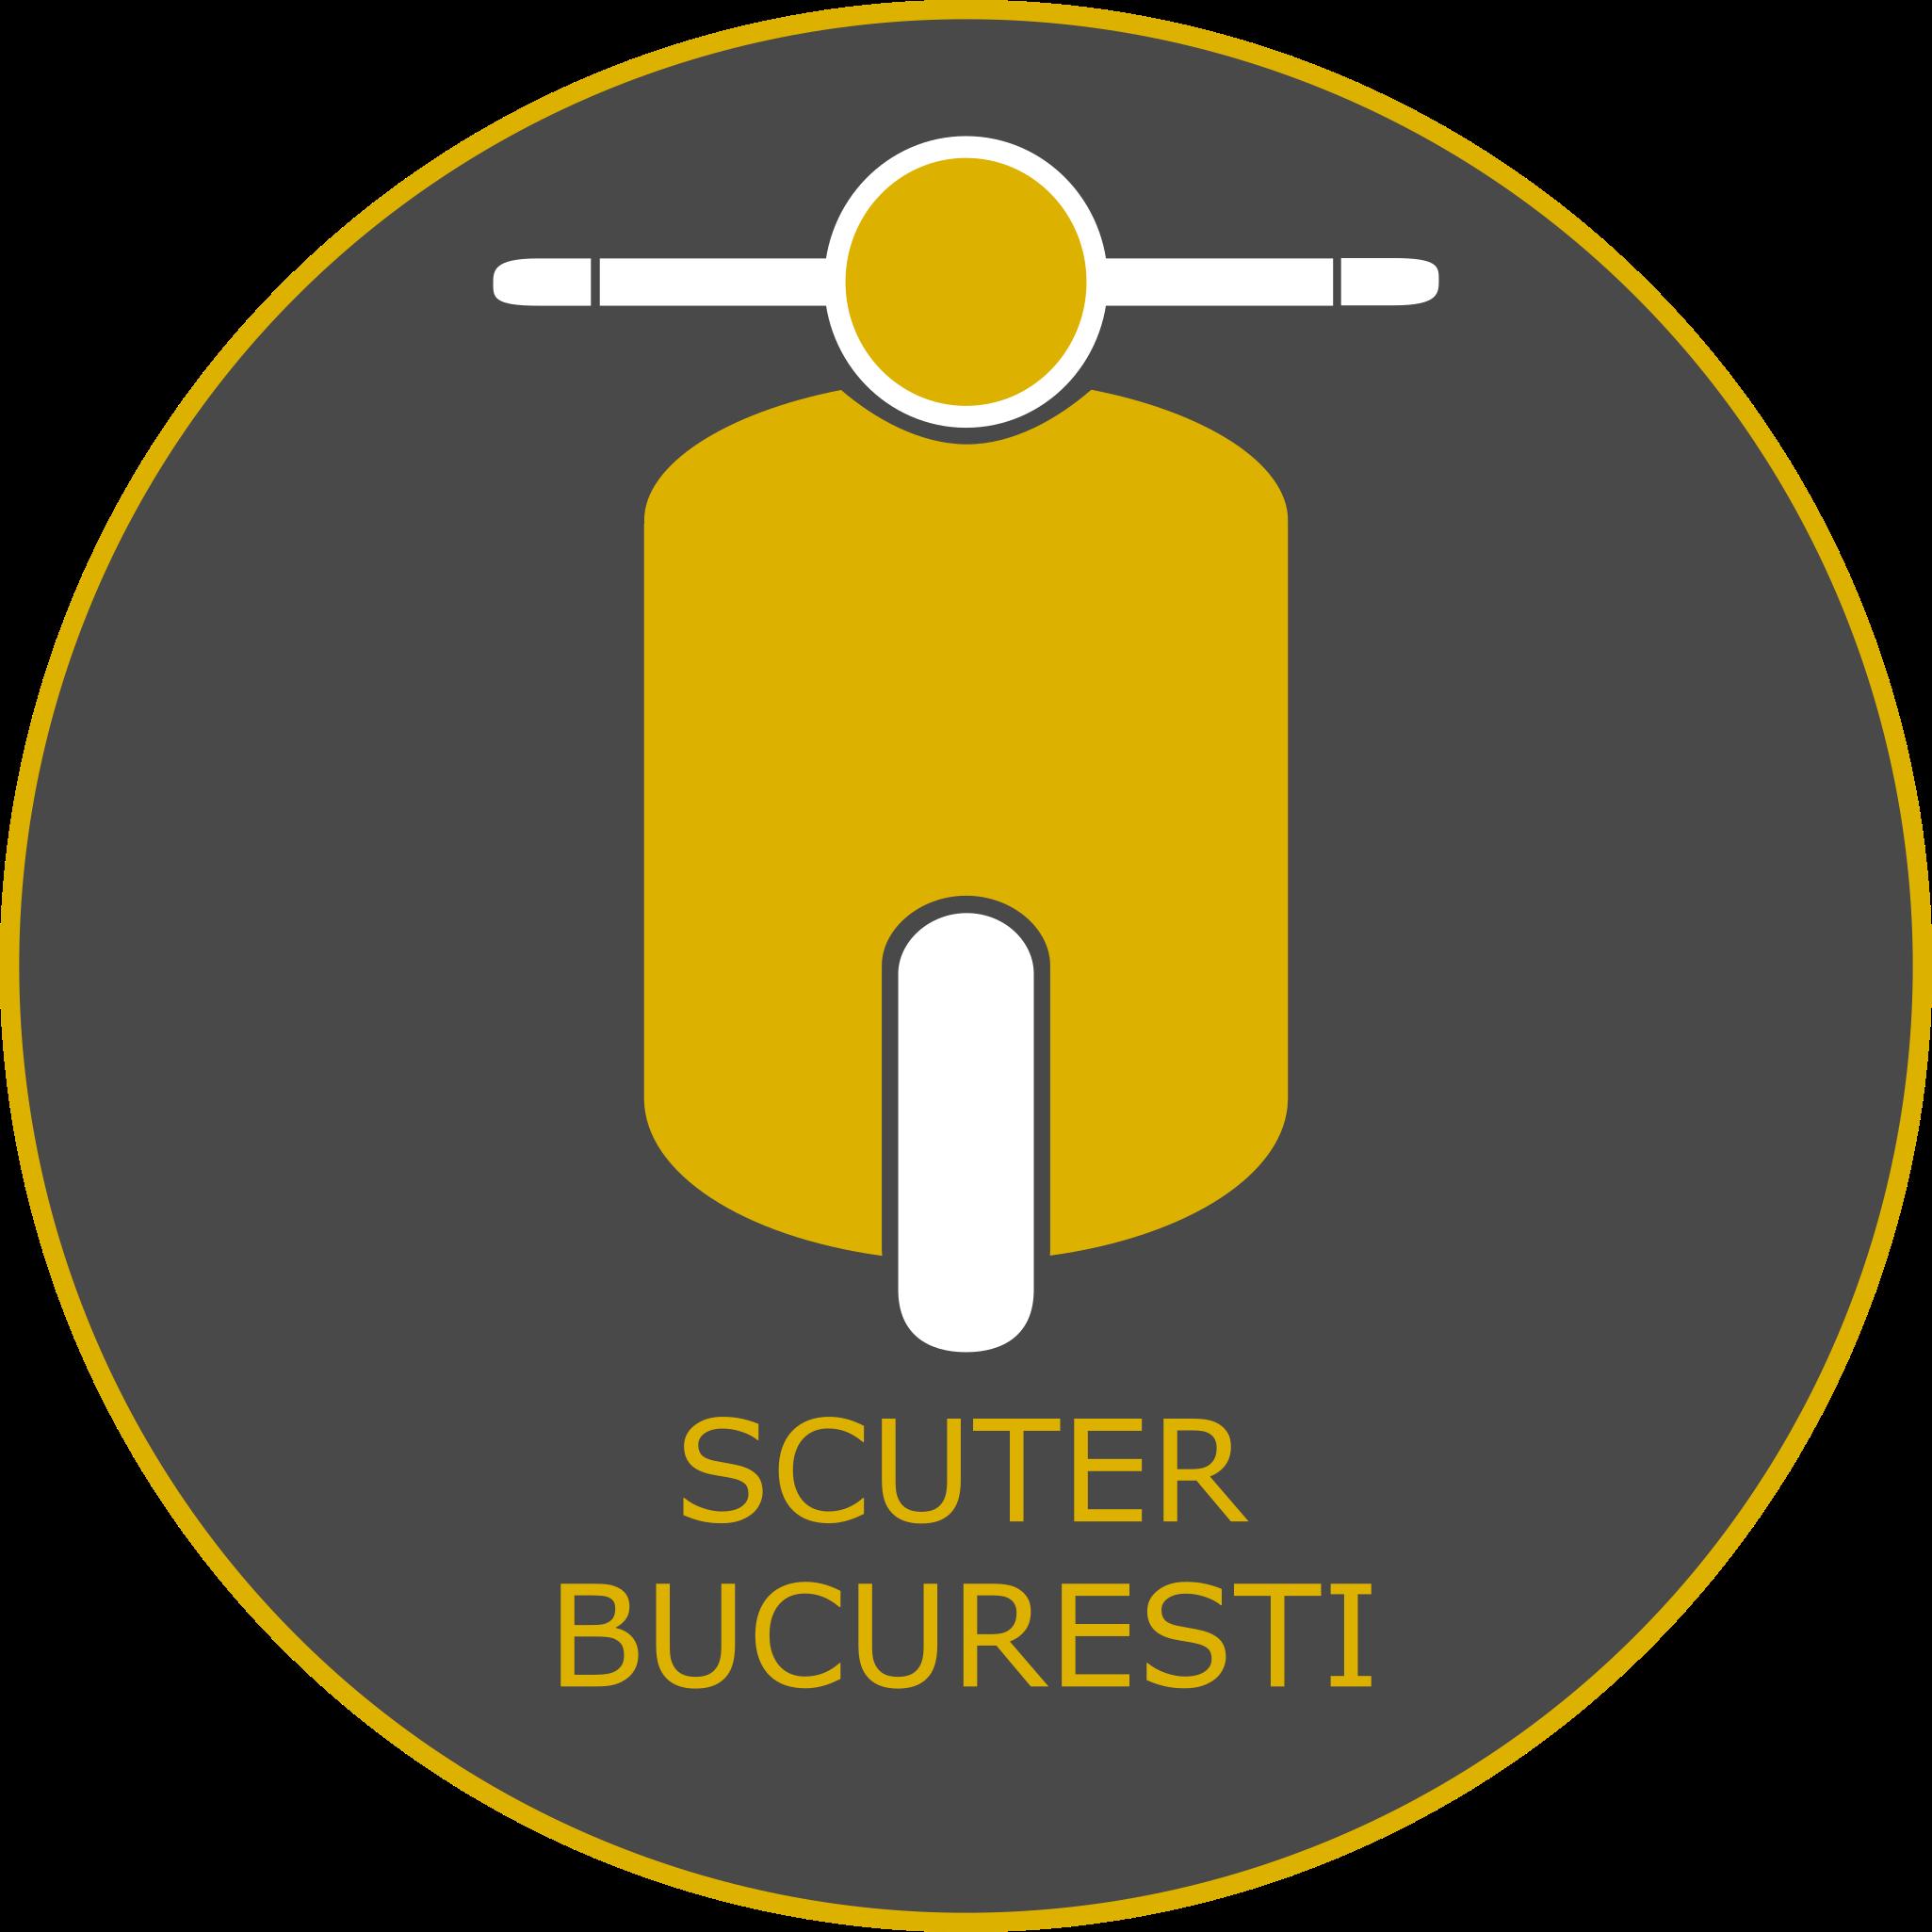 Inchiriere scuter pe termen lung